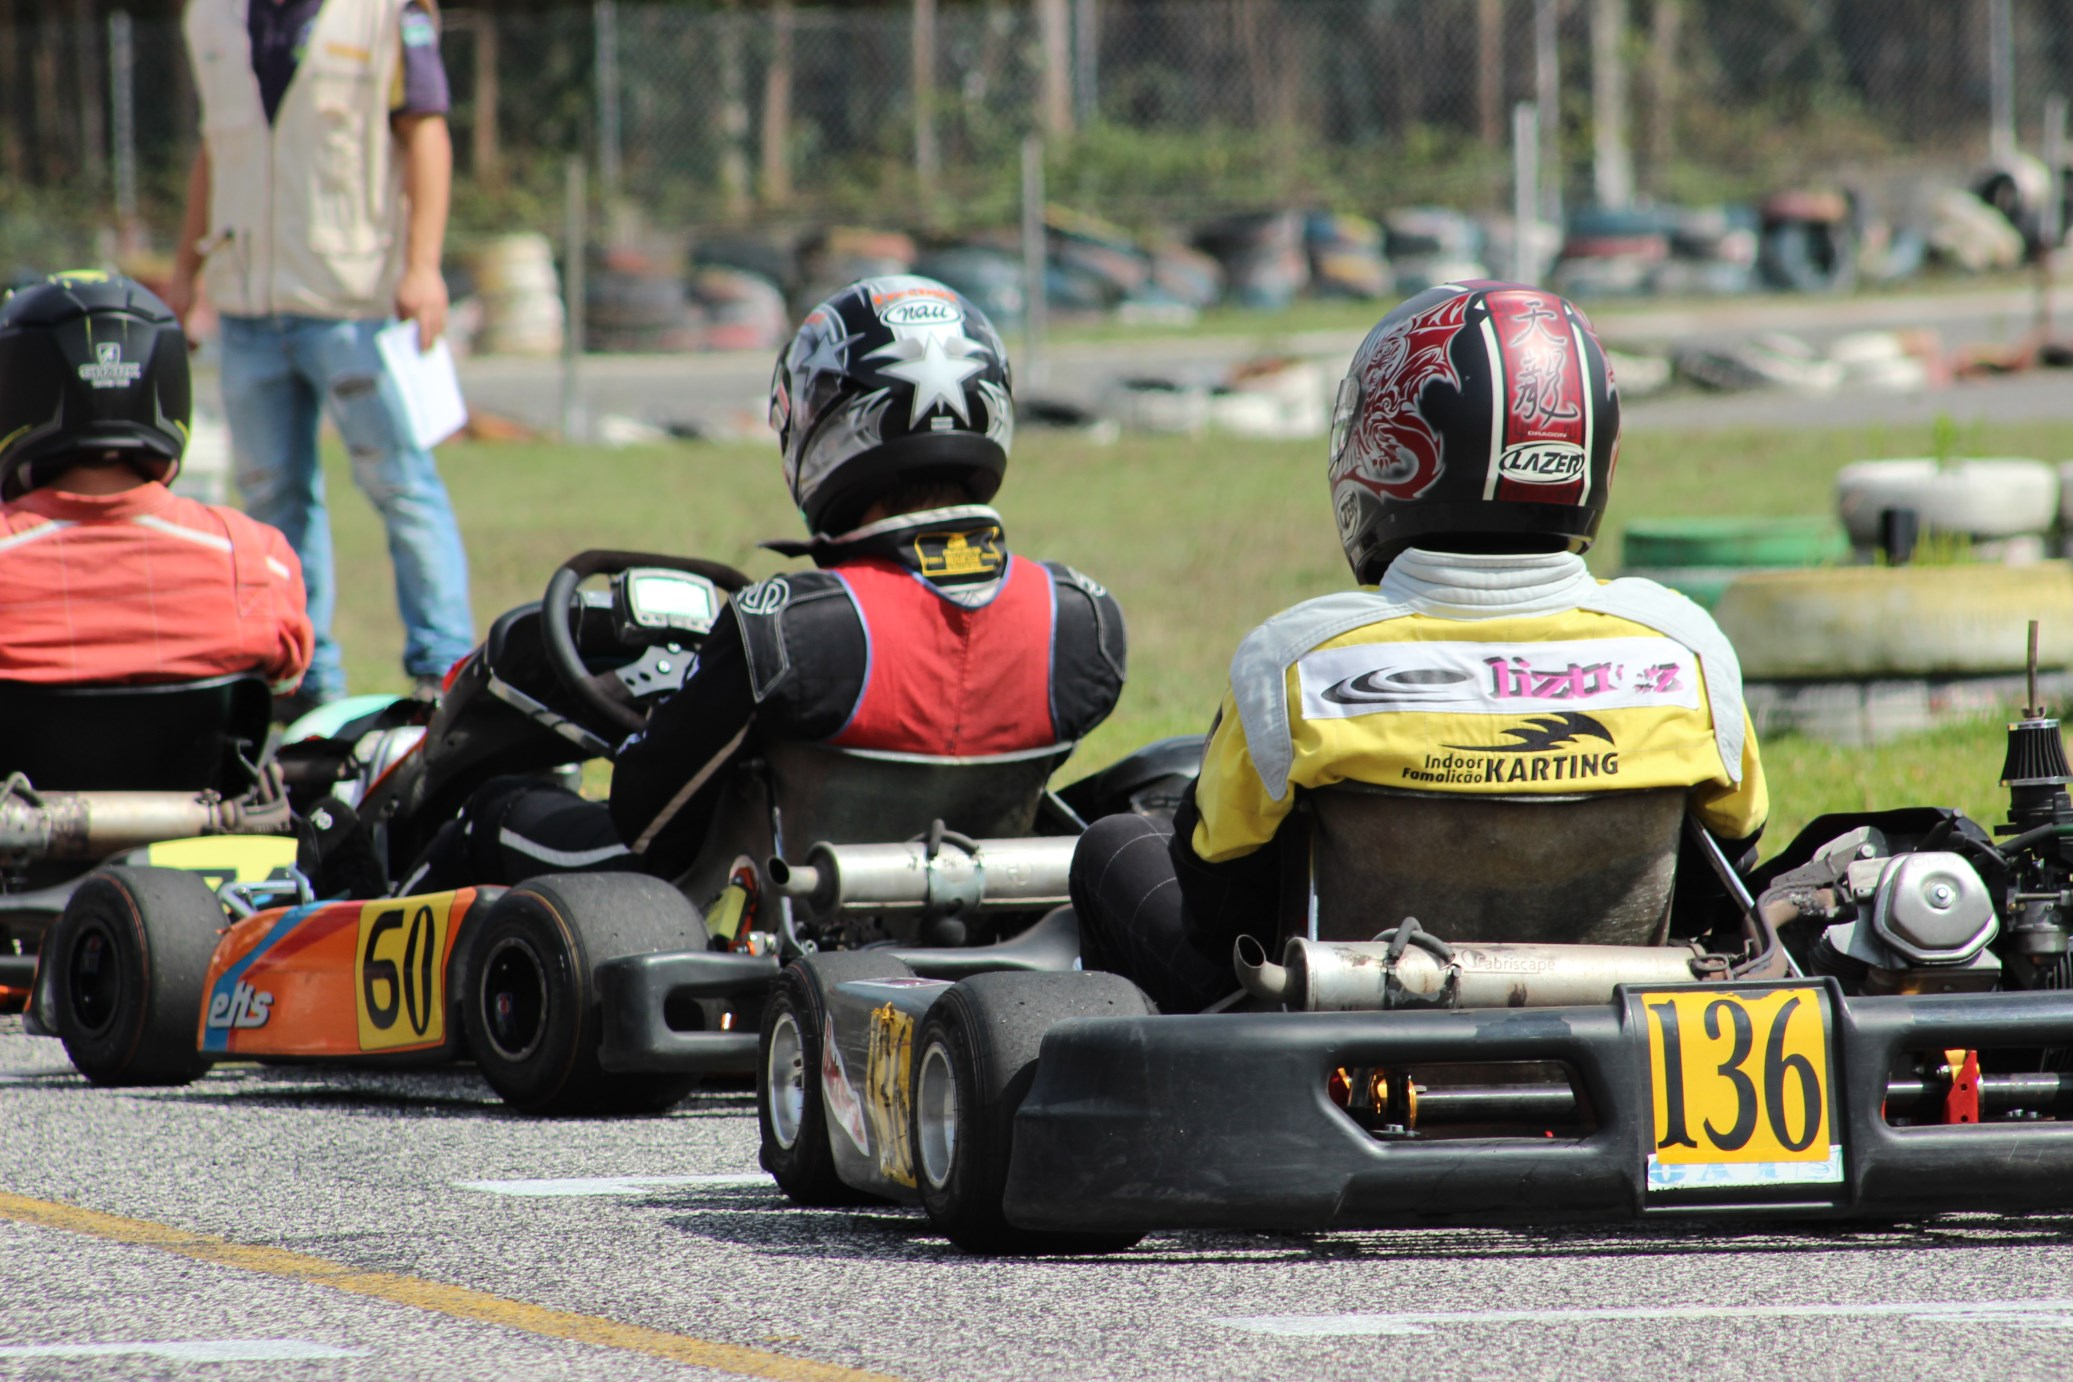 Troféu Honda 2014 - 3ª Prova155